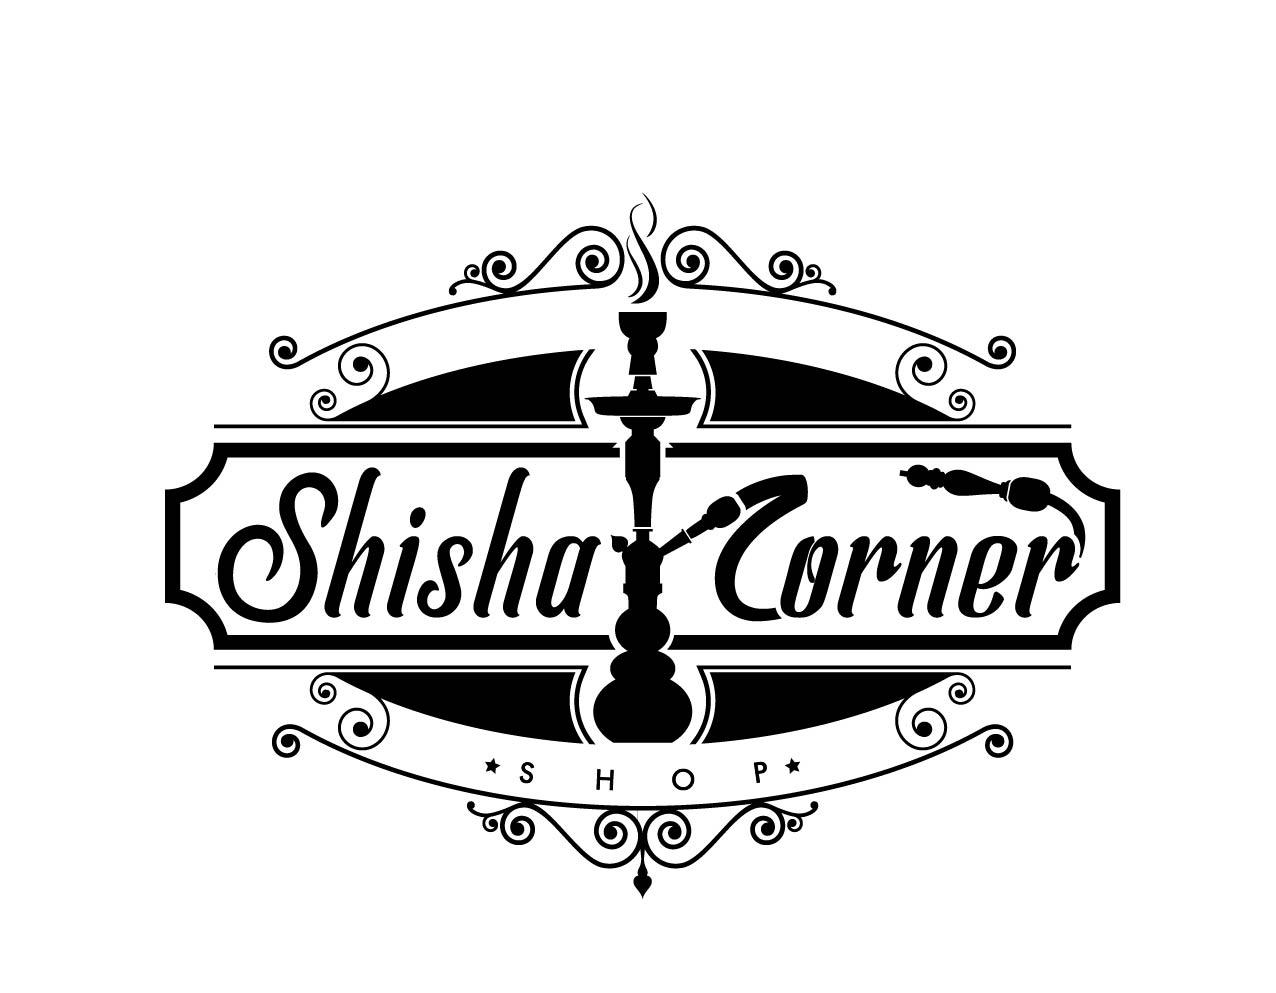 Logo-Design für ein Shisha Shop